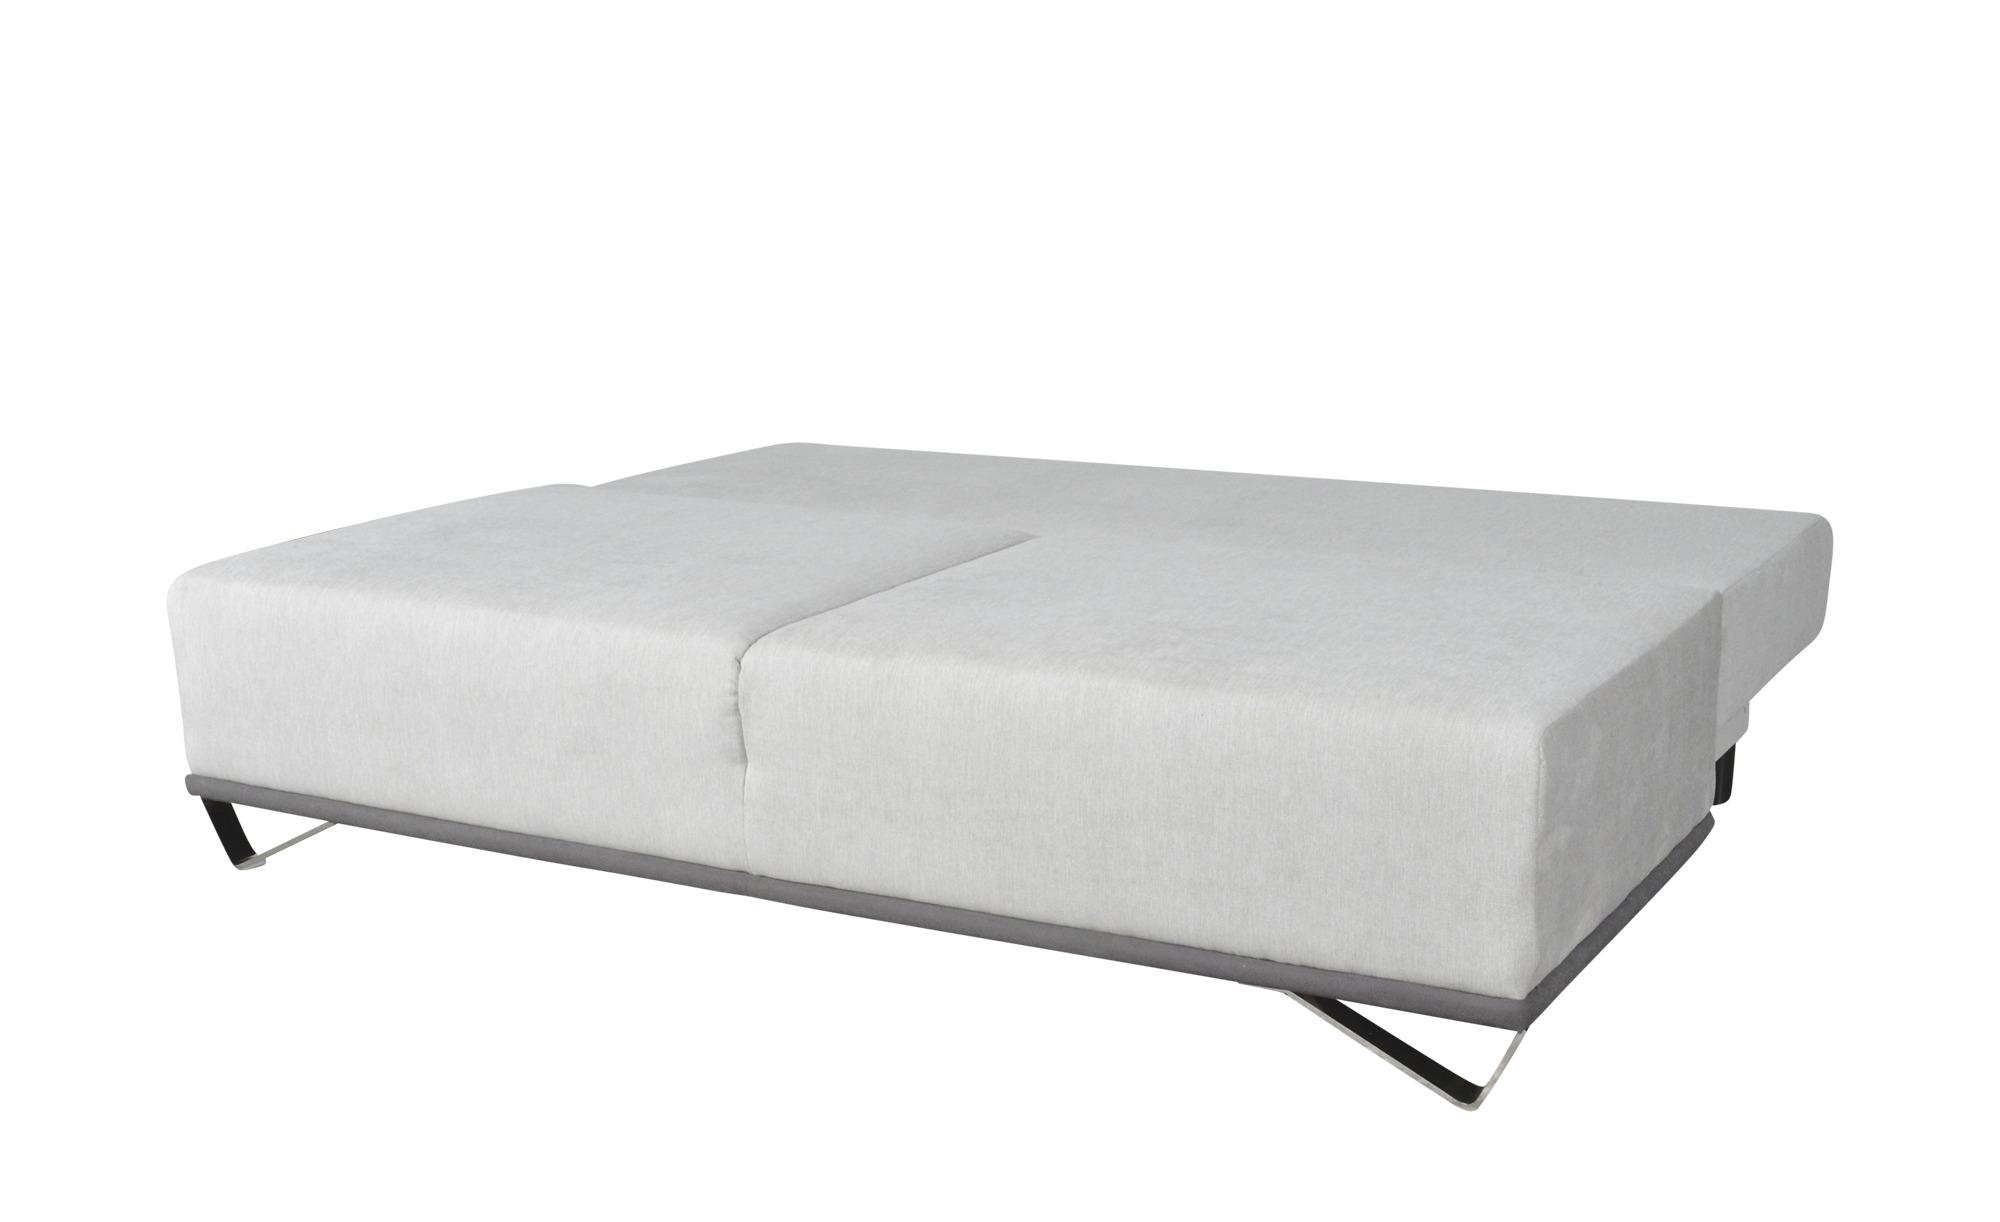 Full Size of Ikea Pappbett Betten Bei Sofa Mit Schlaffunktion Küche Kosten Modulküche 160x200 Miniküche Kaufen Wohnzimmer Pappbett Ikea